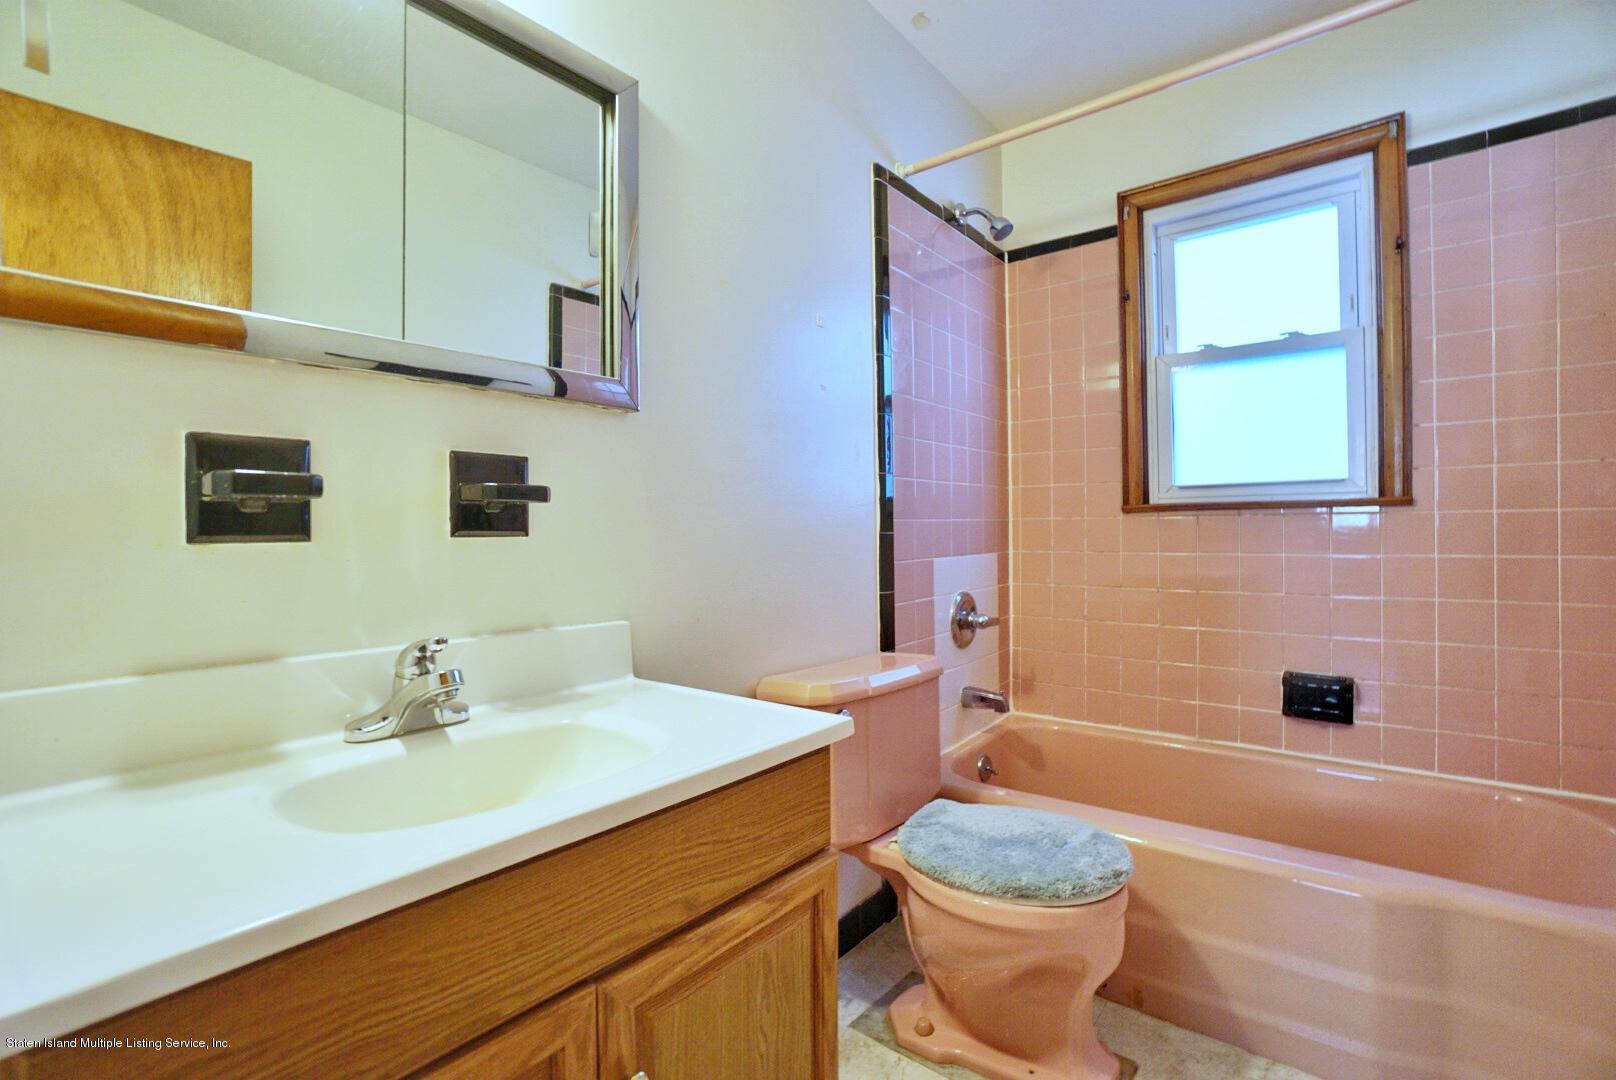 Single Family - Detached 215 Fairbanks Avenue  Staten Island, NY 10306, MLS-1138817-19